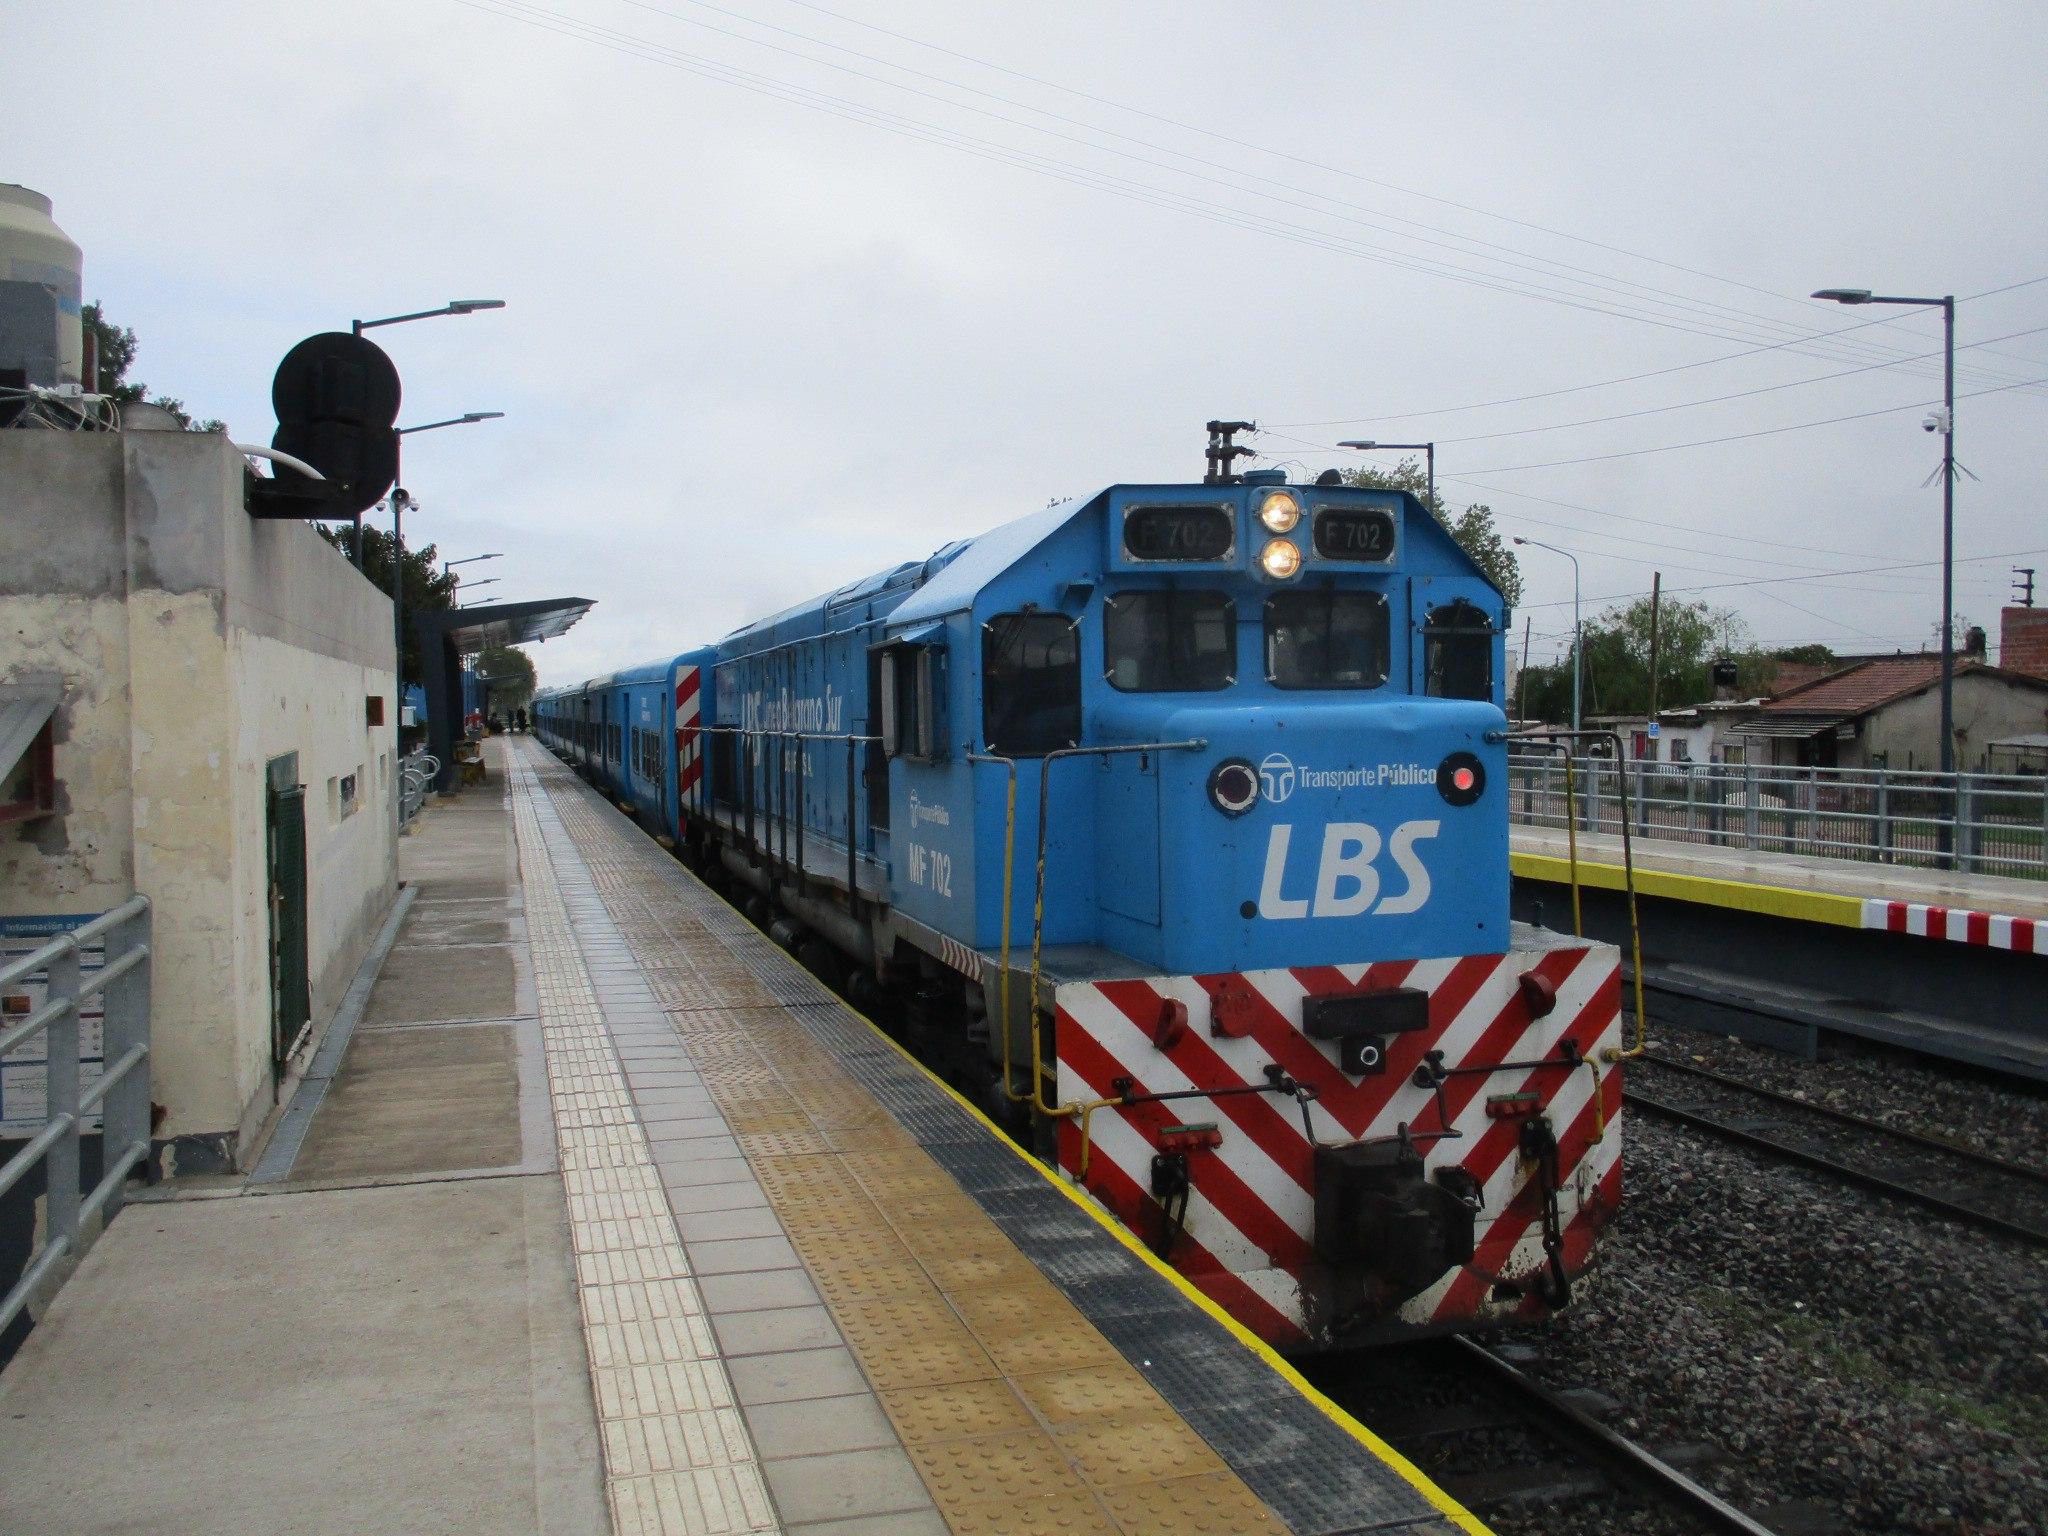 Вокзал Буэнос-Айрес в городе .... Буэнос-Айрес! Совпадение? Не думаю! железные дороги